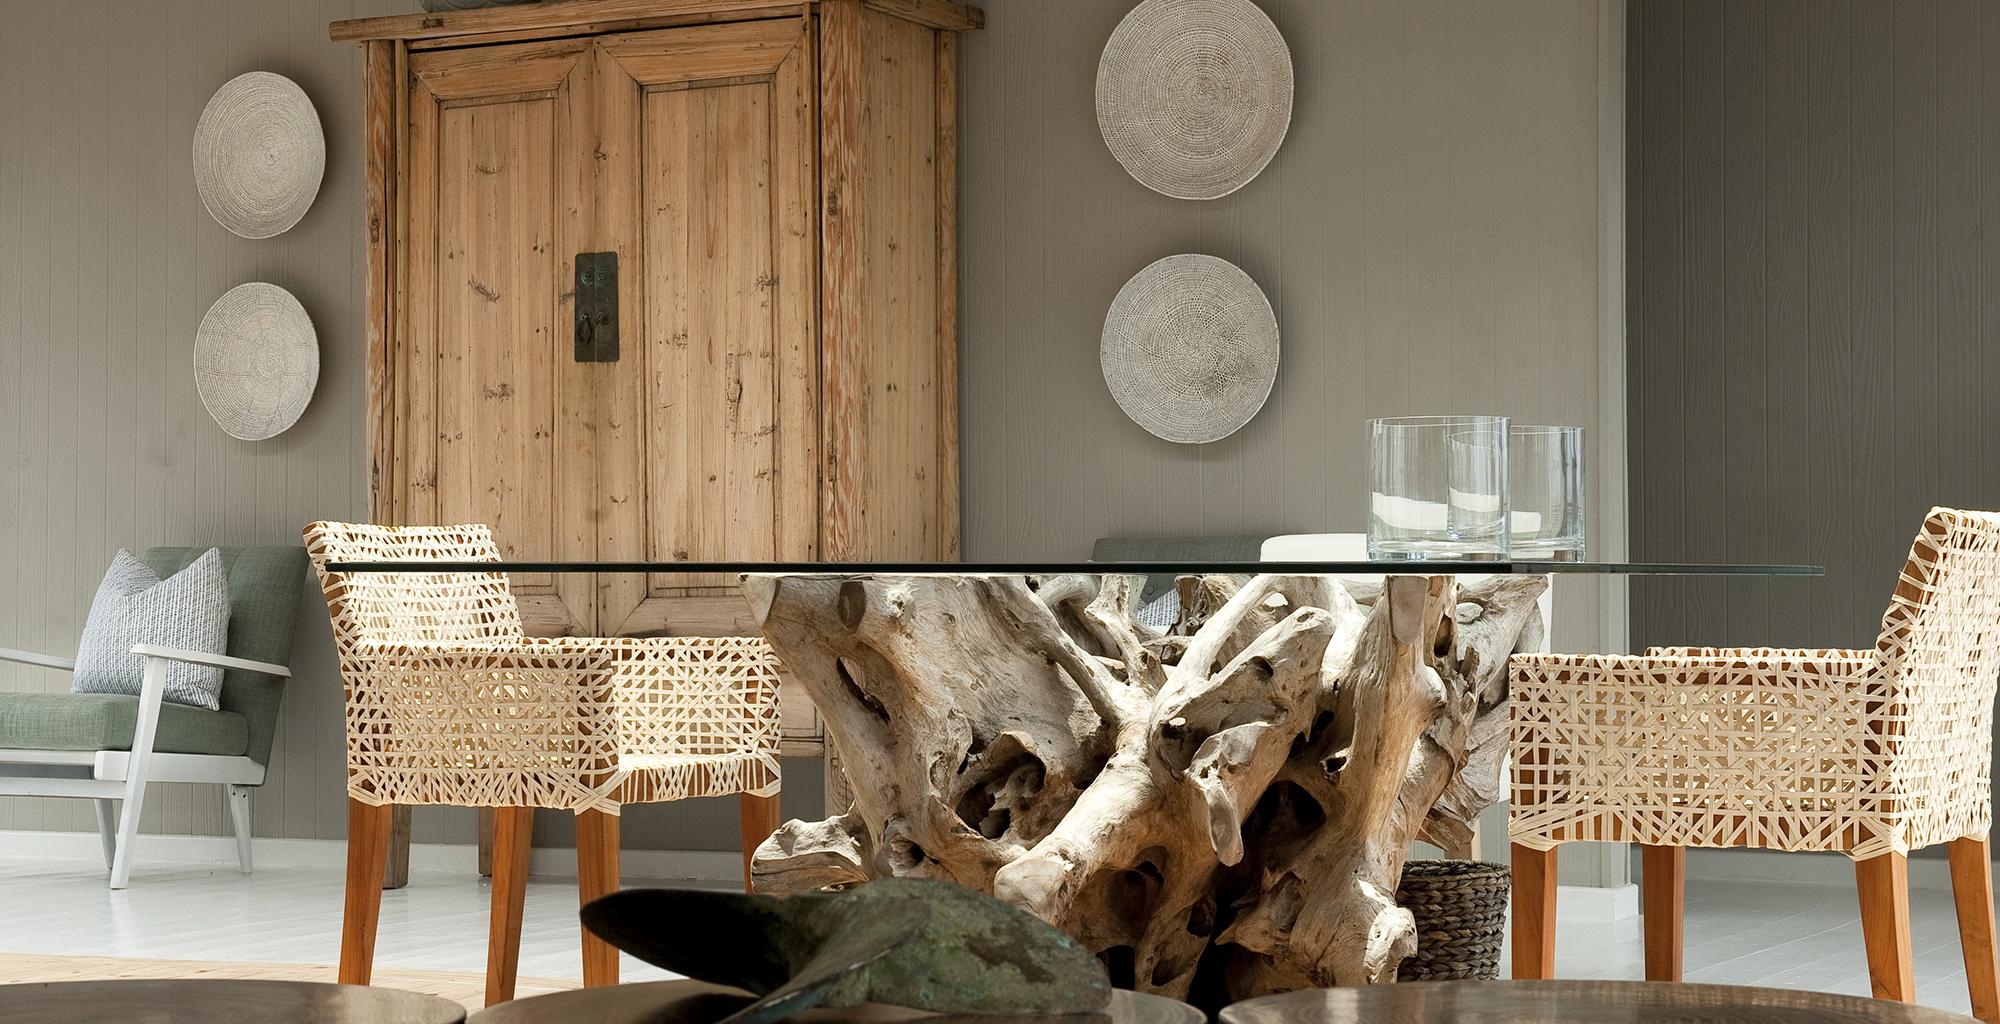 Mozambique-Maputo-Inhambane-White-Pearl-Resort-Indoor-Table